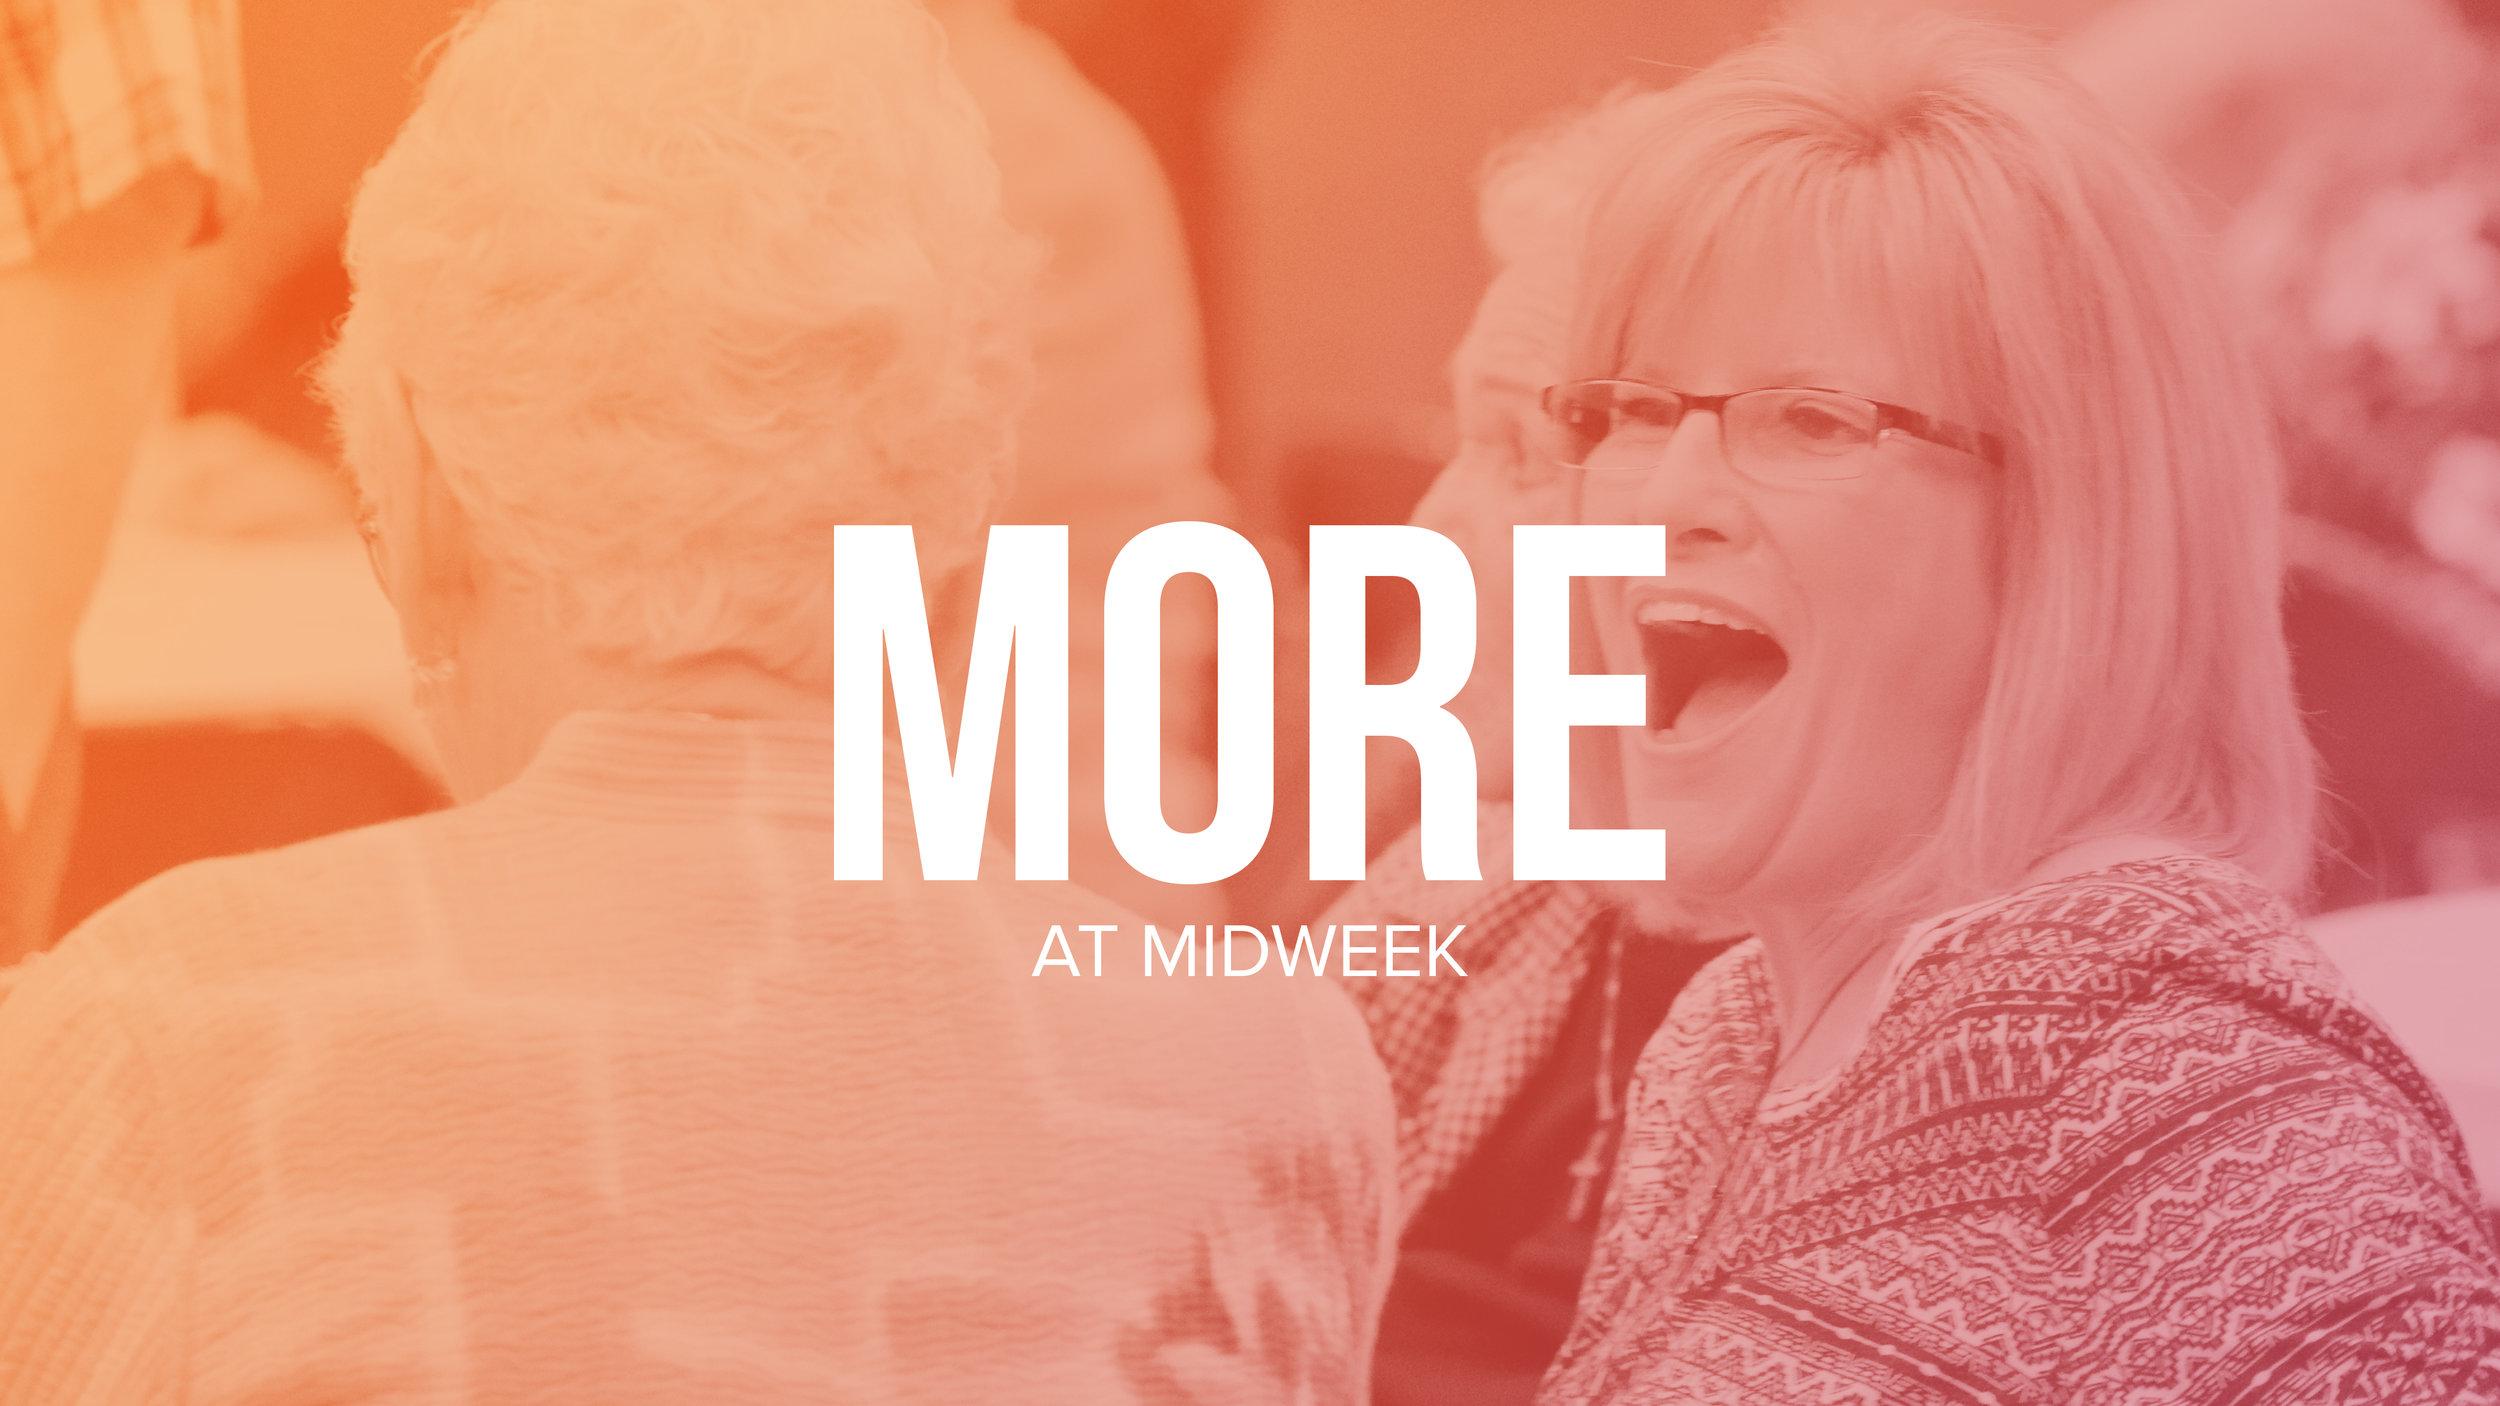 More at Midweek.jpg